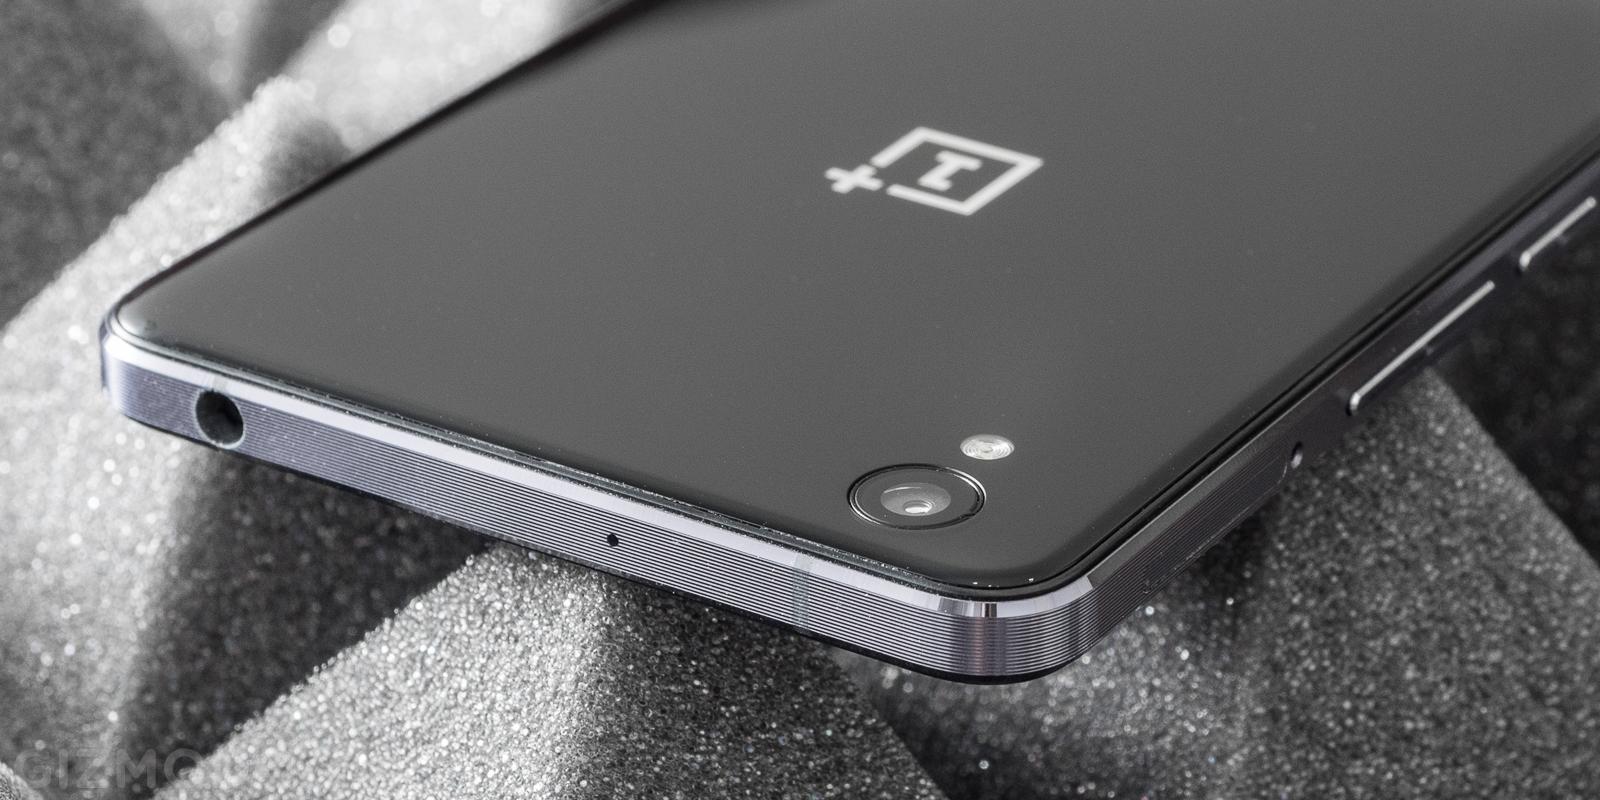 Tại sao OnePlus X lên cơn sốt khi về tới Việt Nam? 09